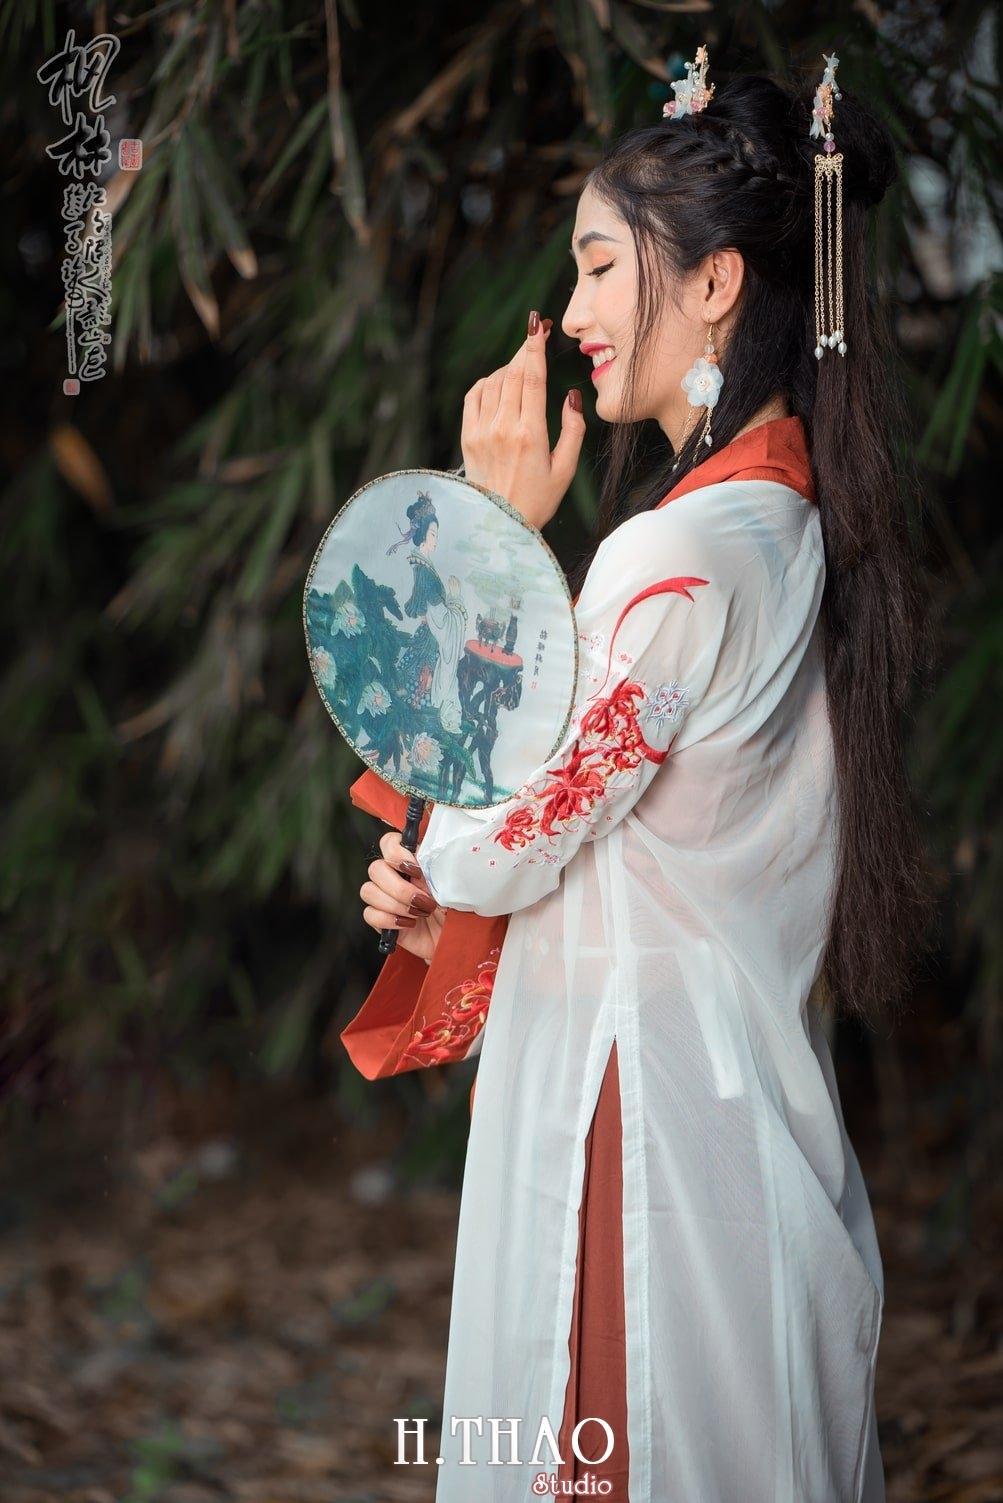 Anh co trang nu 9 - Bộ ảnh cổ trang chụp theo concept tiểu long nữ nhẹ nhàng - HThao Studio